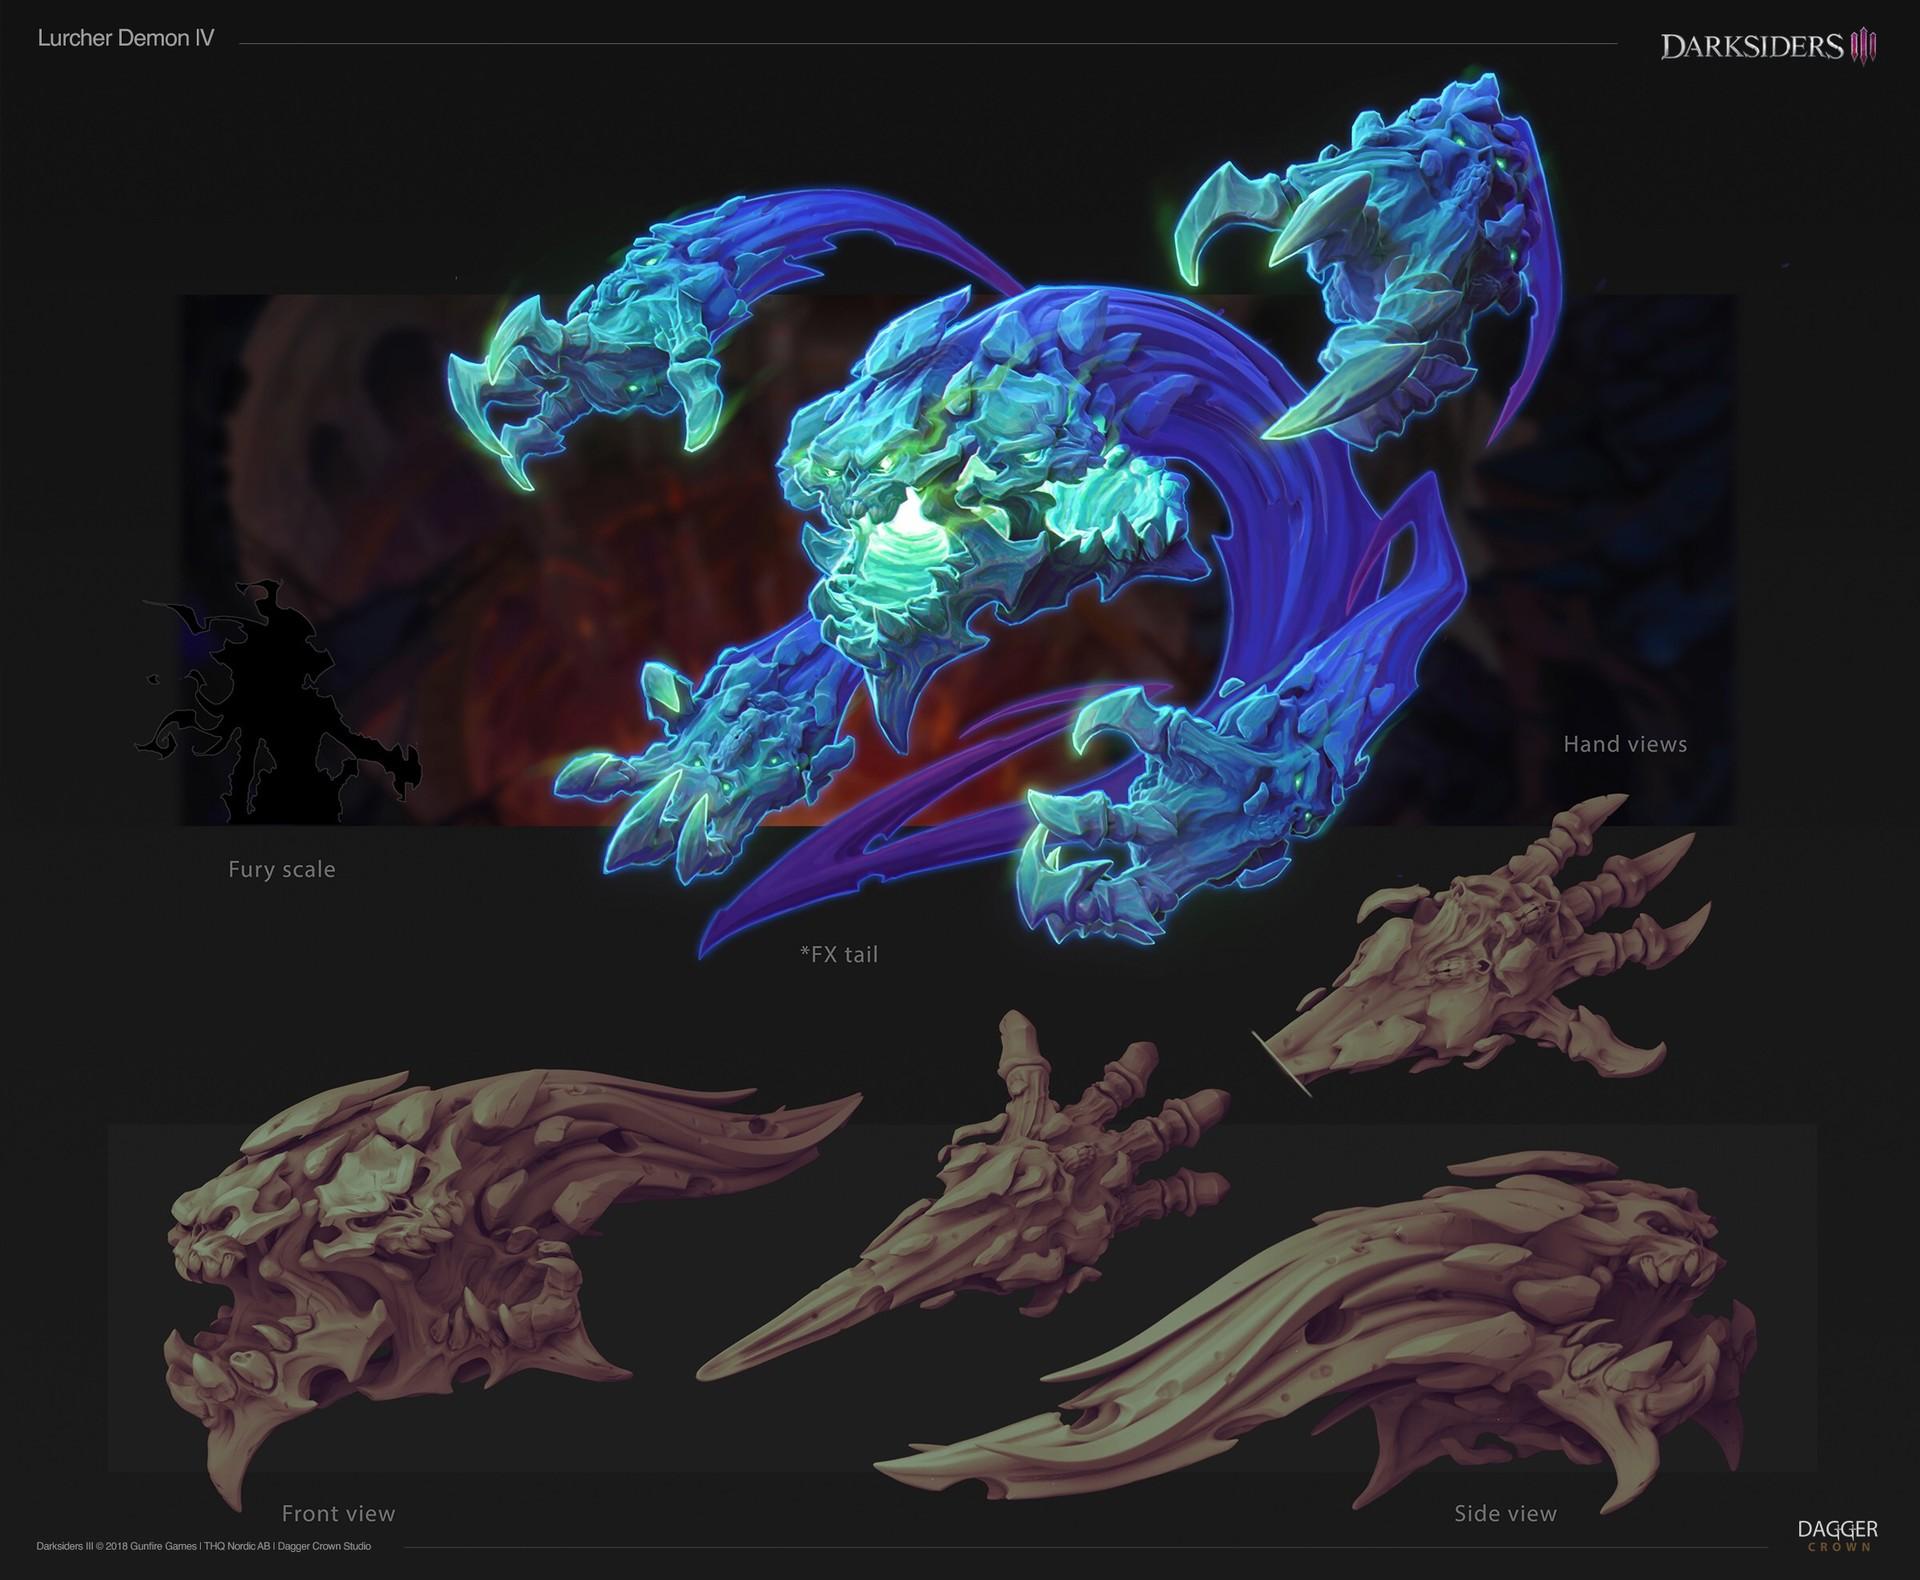 ArtStation - Darksiders 3 | Lurcher Demon , DAGGER CROWN STUDIO